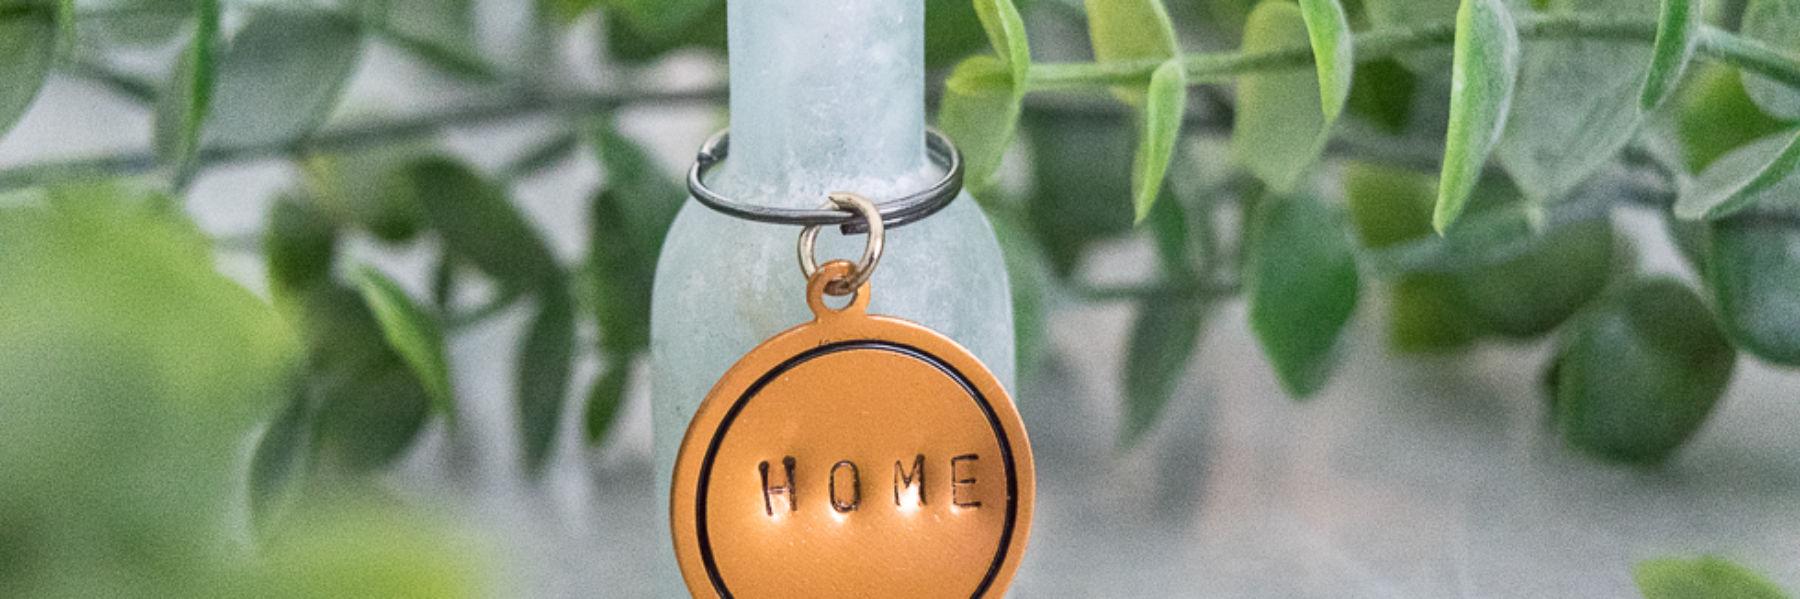 copper-key-chain-diy-craft